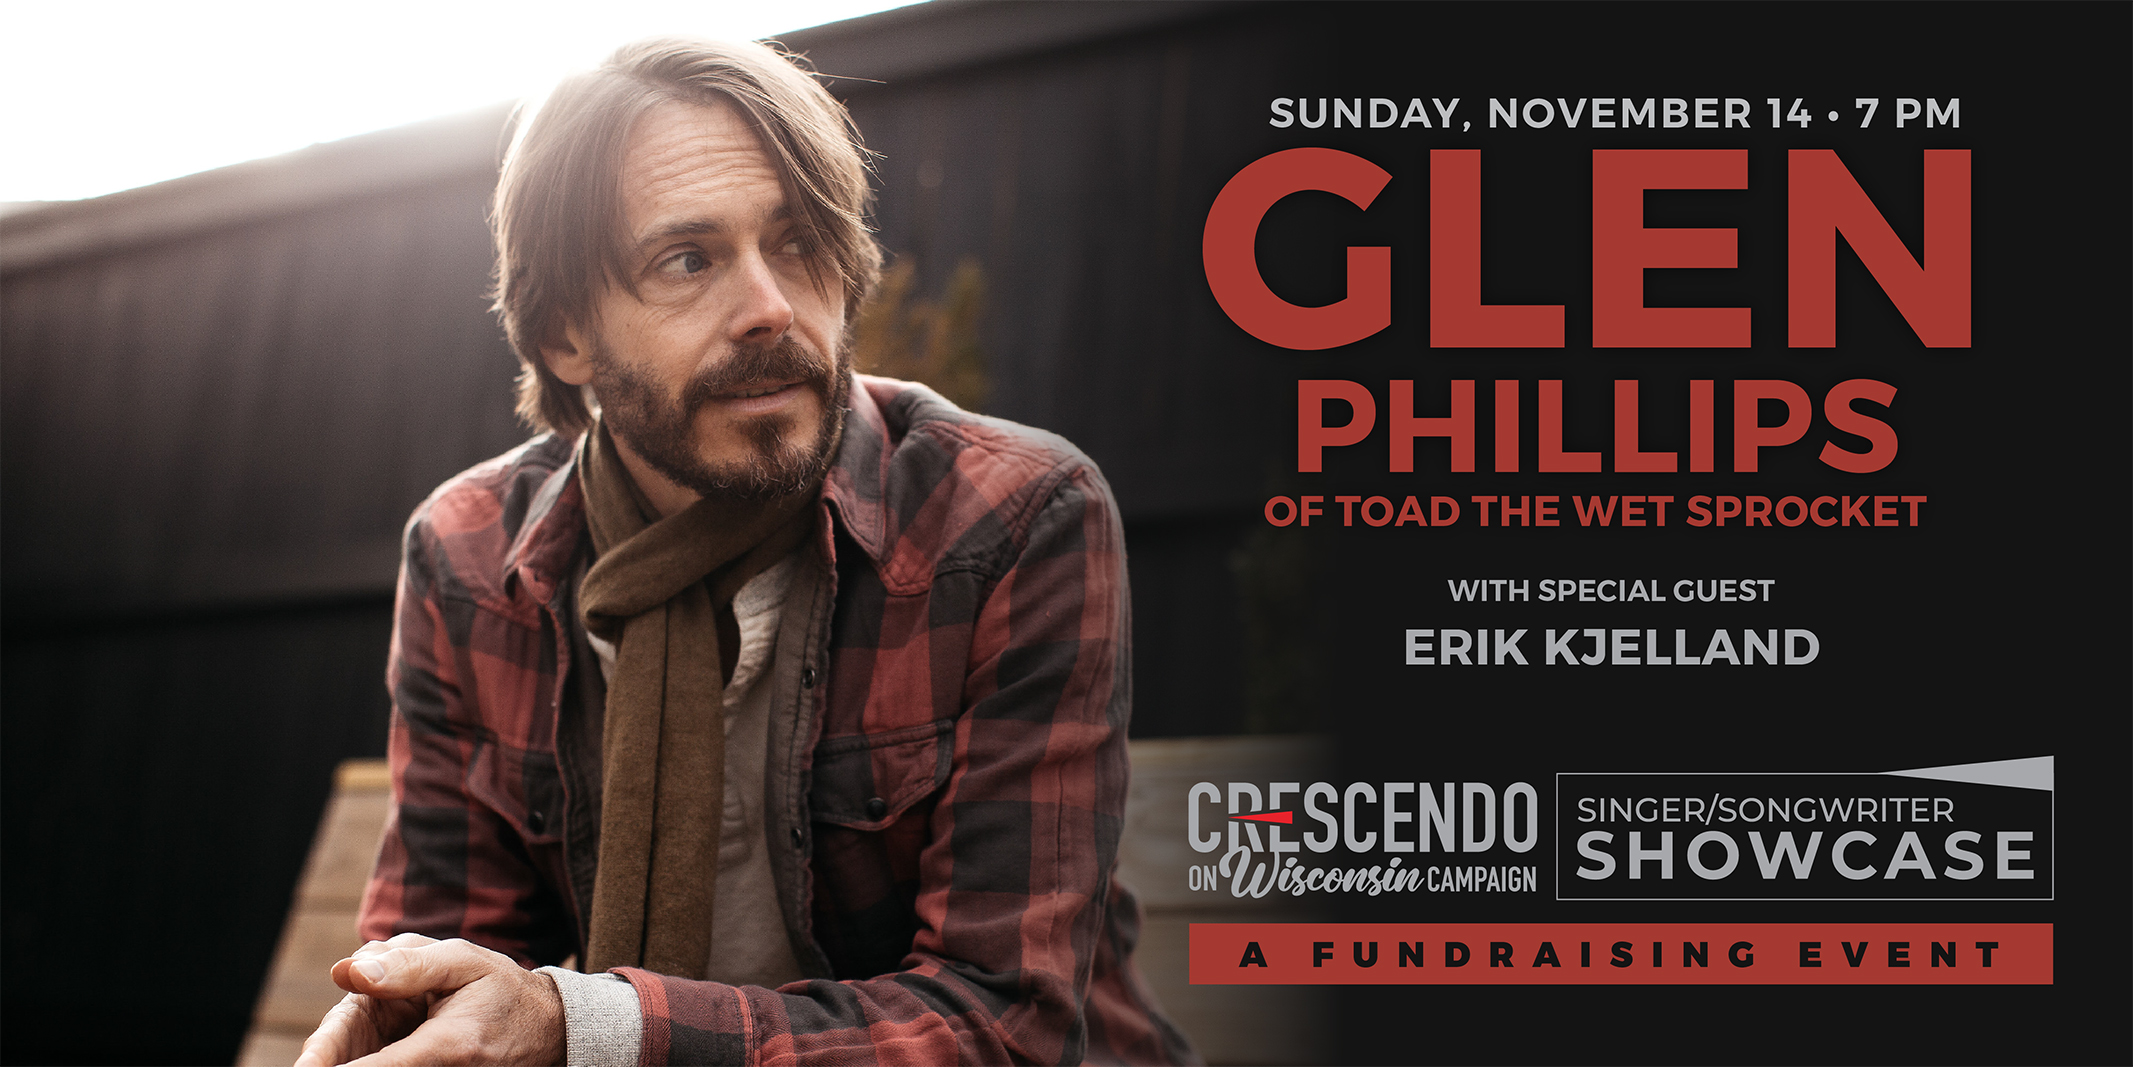 http://cowcampaign.com/sites/cowcampaign.com/assets/images/default/FB-event-header---Glen-Phillips-111421-01-sm.jpg